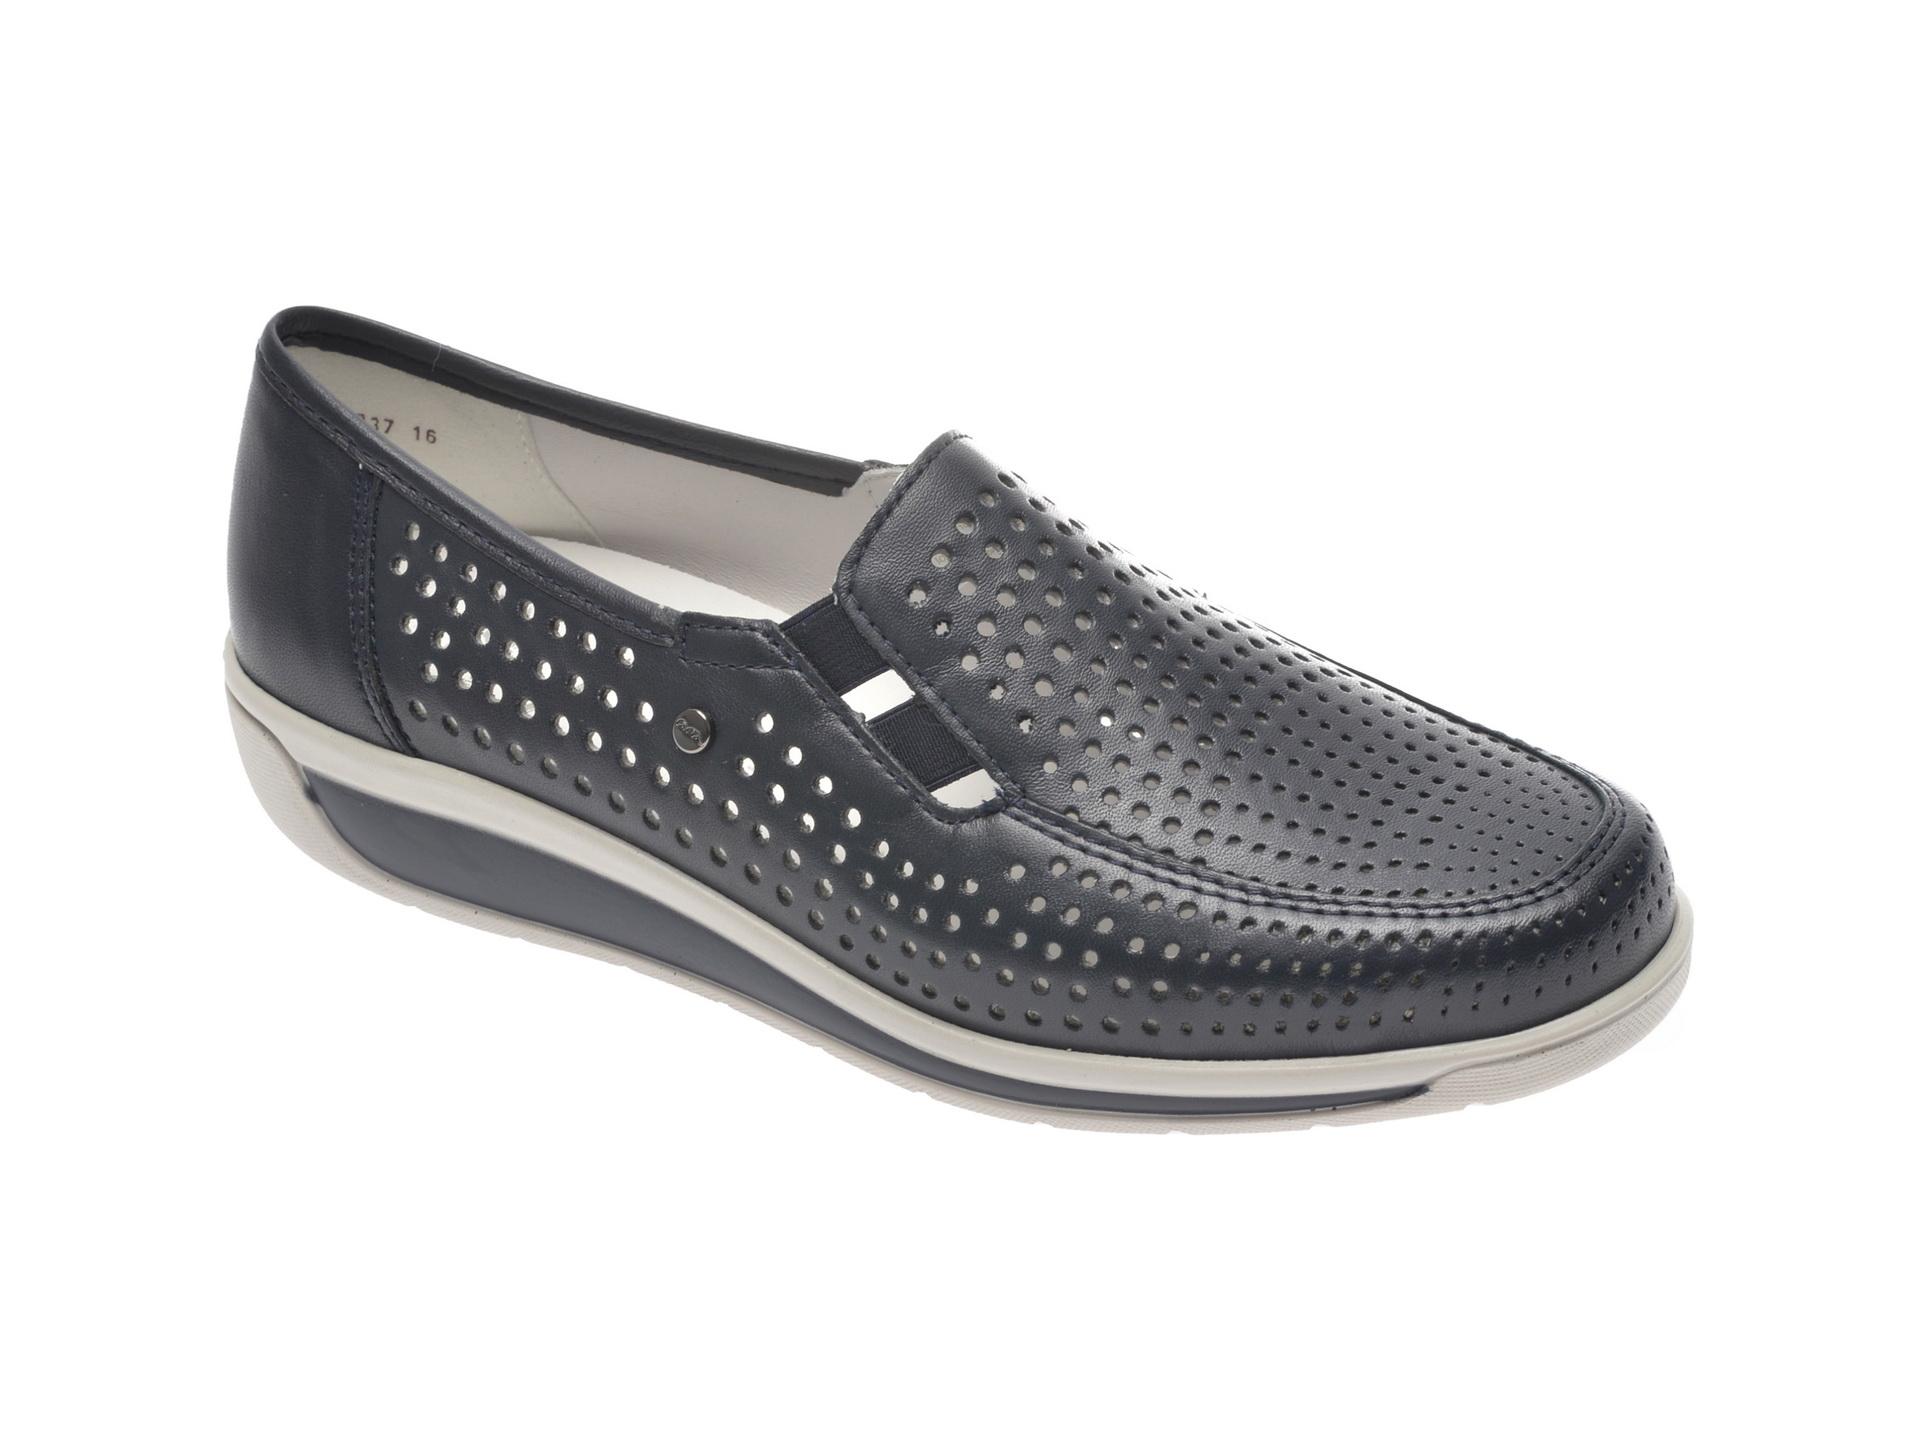 Pantofi Ara Bleumarin, 36337, Din Piele Naturala